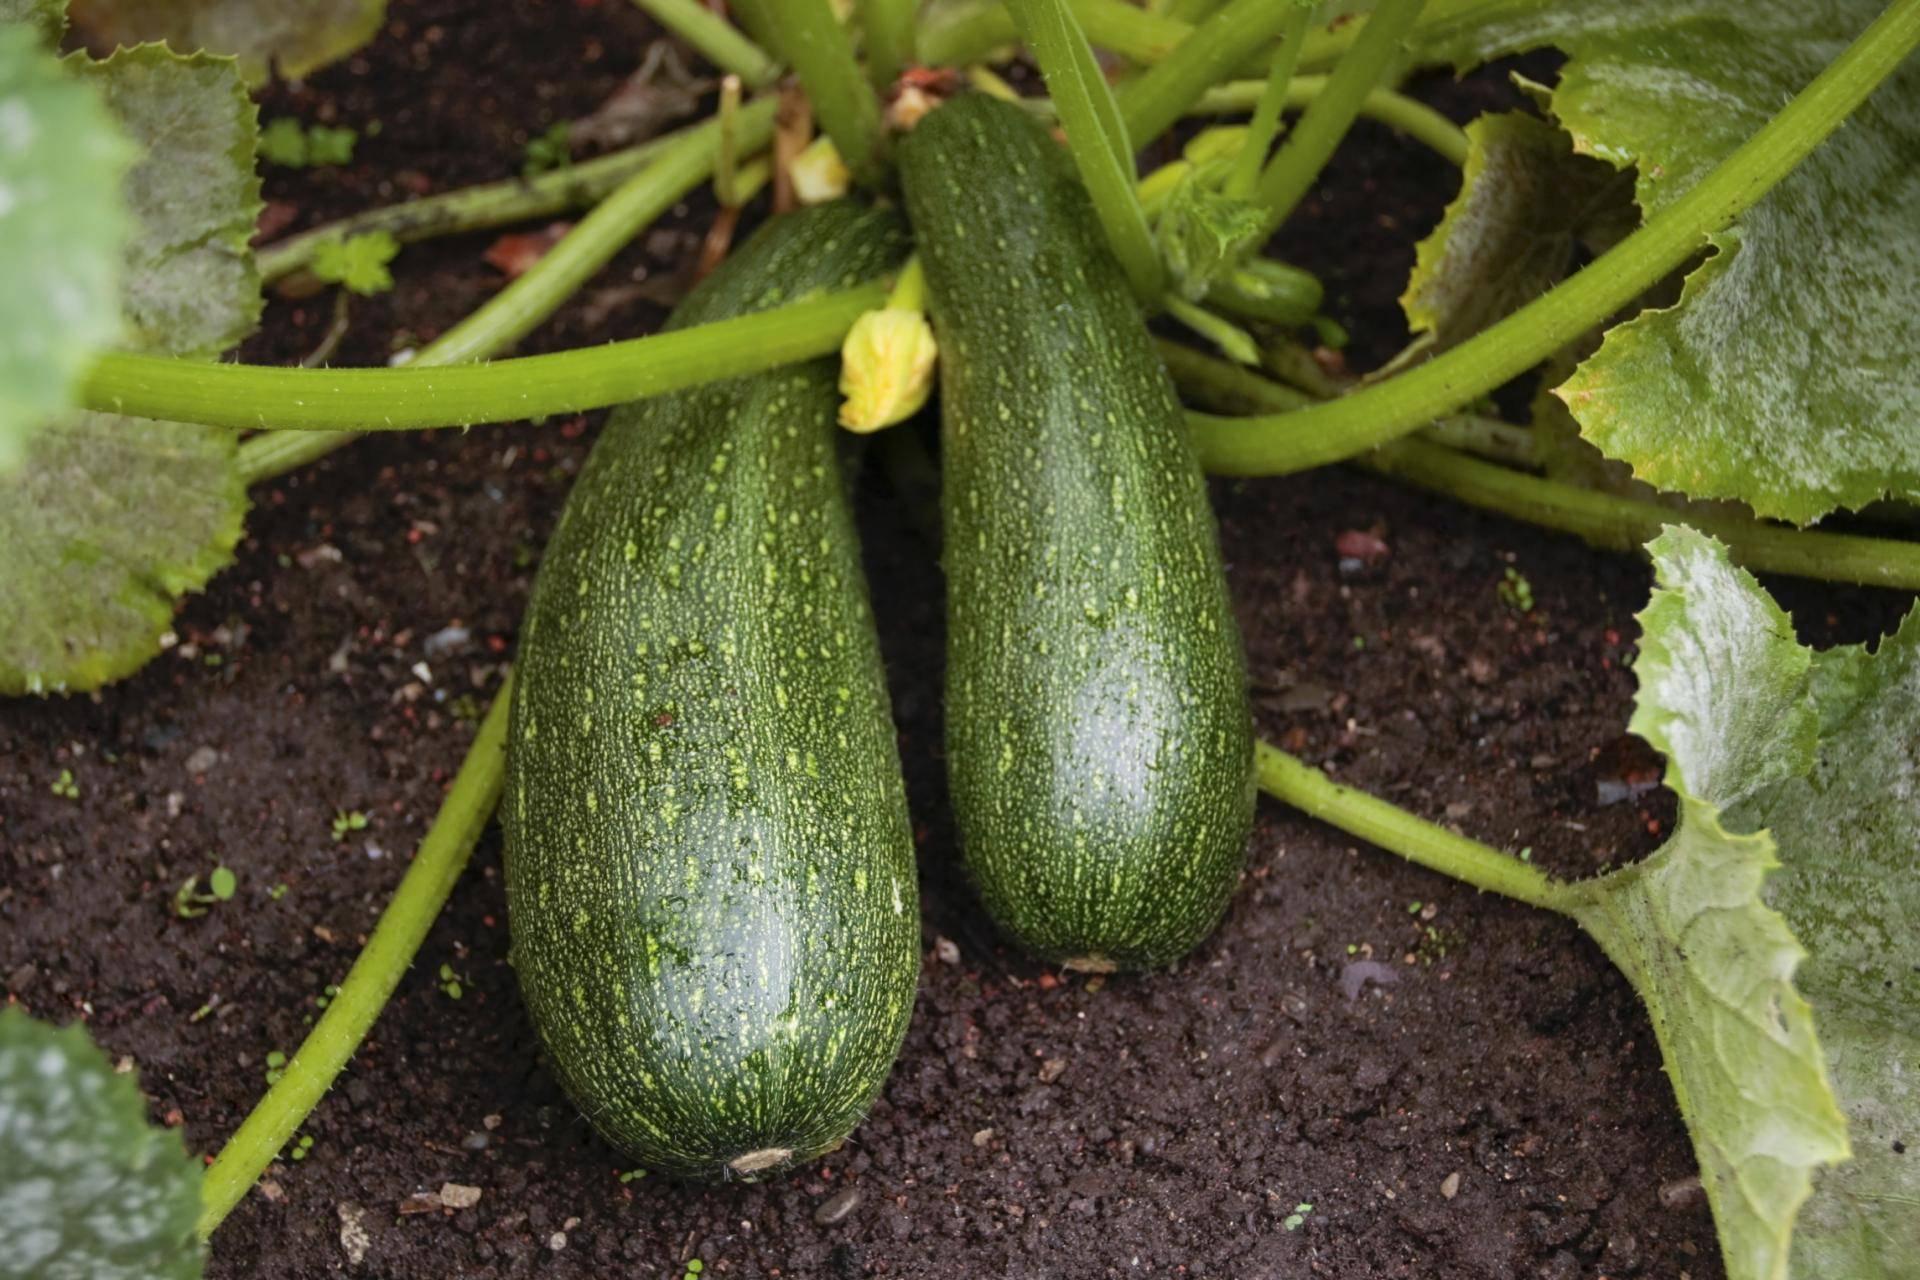 Кабачки и цуккини: лучшие сорта и агроприемы выращивания